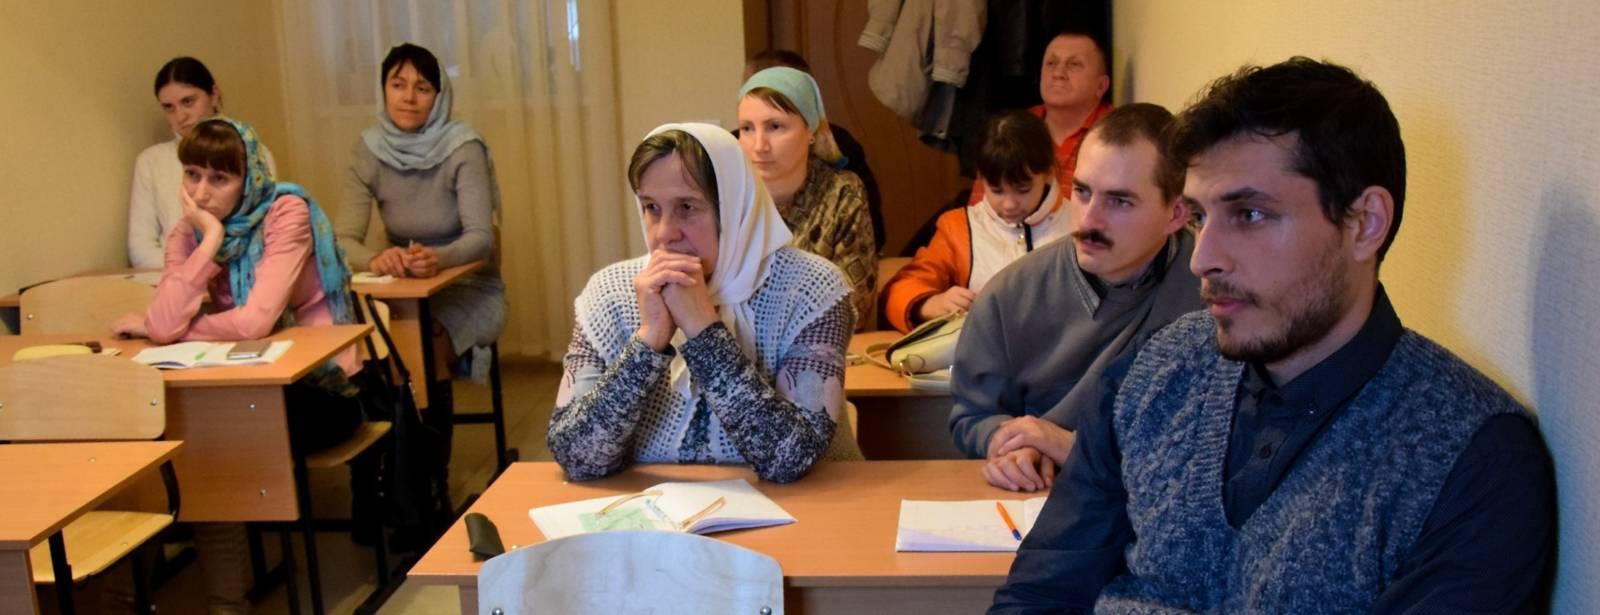 Занятия в воскресной школе для взрослых. - Урюпинская епархия